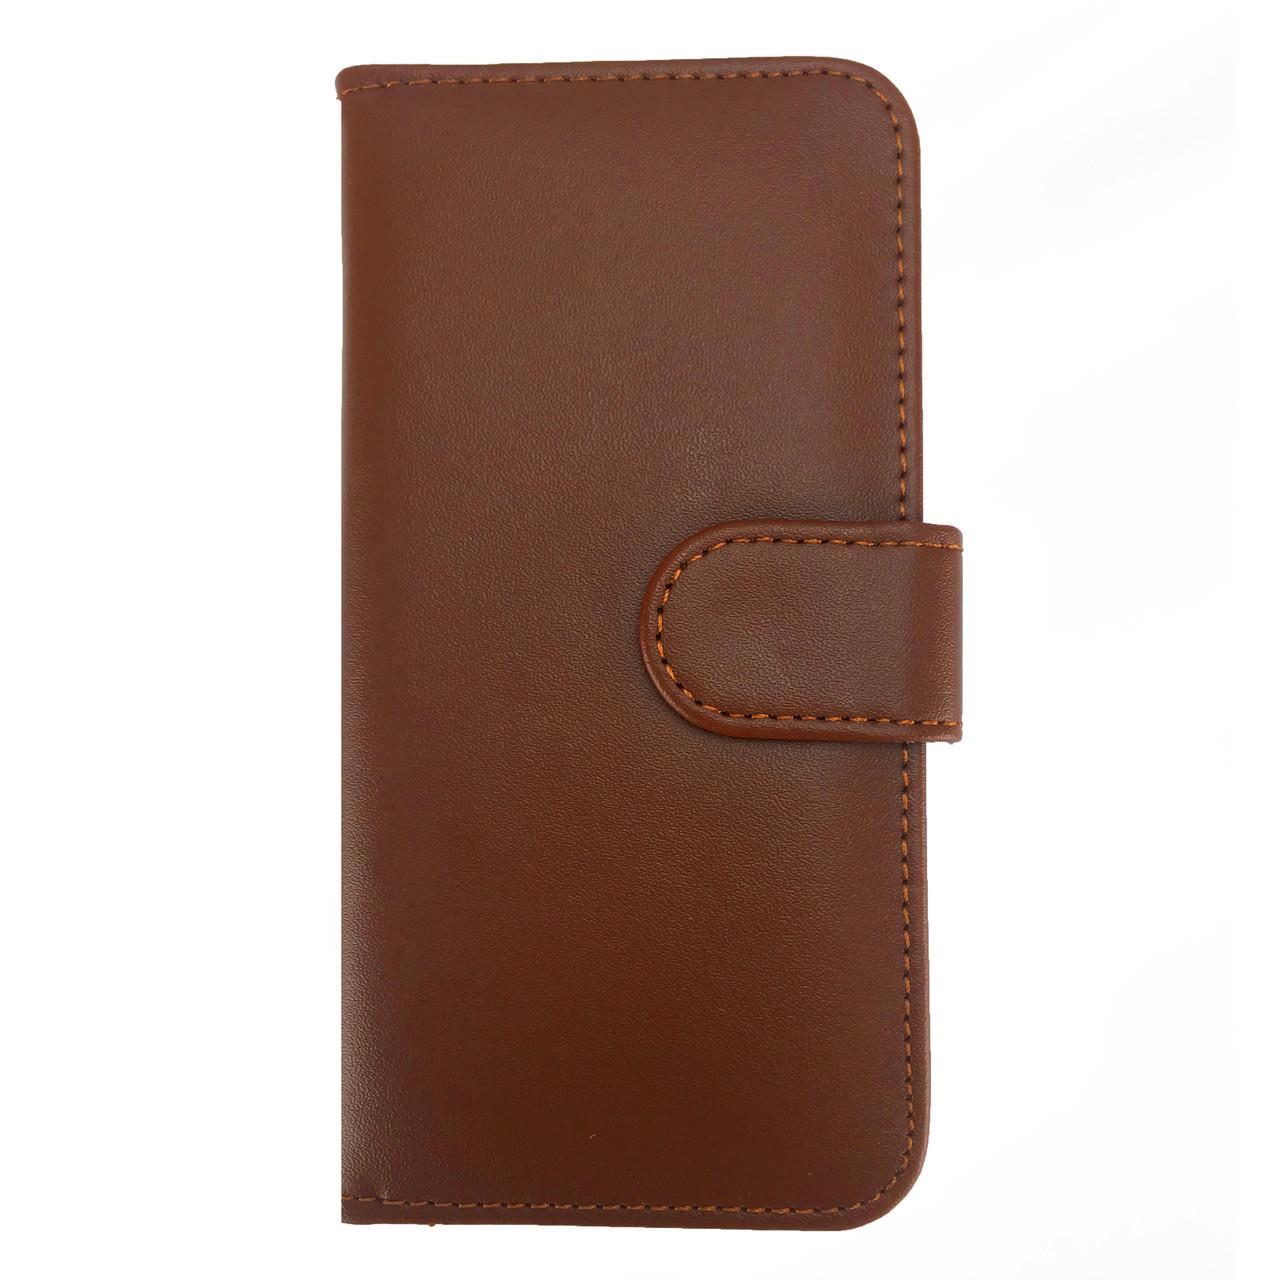 ✅ Чехол книжка на iPhone 5/5s/SE Flip Wallet коричневый